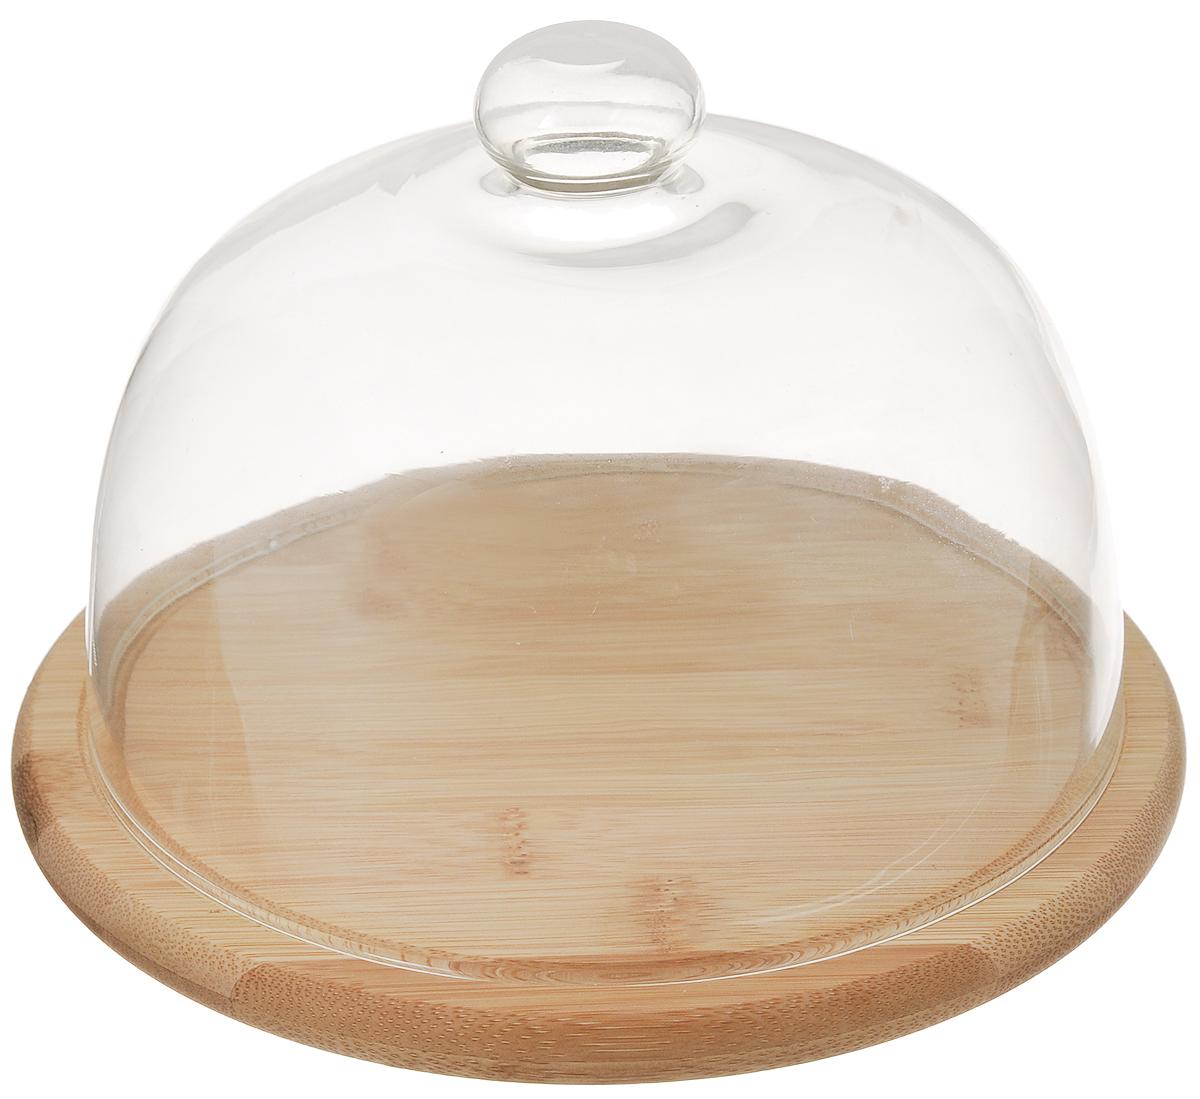 Сырница Mayer & Boch, диаметр 20 см23264Сырница Mayer & Boch состоит из подноса и прозрачной стеклянной крышки. Она предназначена для удобного хранения и красивой сервировки различных сортов сыра, а также других продуктов. Поднос изготовлен из бамбука и имеет специальные выемки, благодаря которым крышка на него легко устанавливается. Он может использоваться как для хранения и сервировки сыра, так и для нарезания продуктов. Сырница Mayer & Boch станет незаменимым помощником на вашей кухне. Диаметр подноса: 20 см. Высота подноса: 1,5 см. Диаметр крышки: 18 см. Высоты крышки: 13 см.